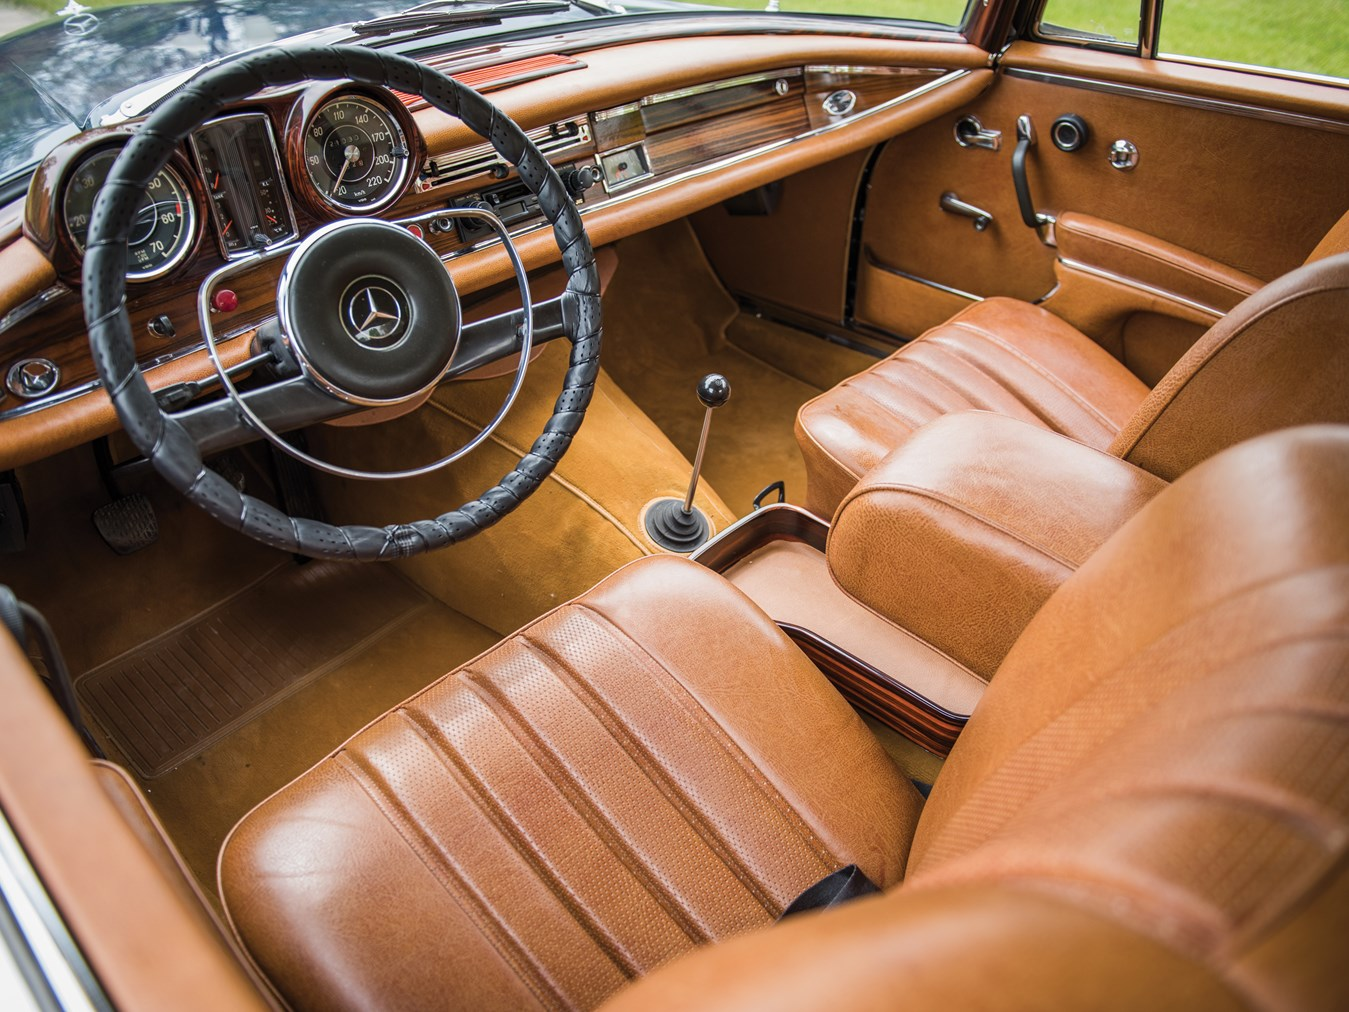 1965 mercedes benz 300 se coup revivaler. Black Bedroom Furniture Sets. Home Design Ideas